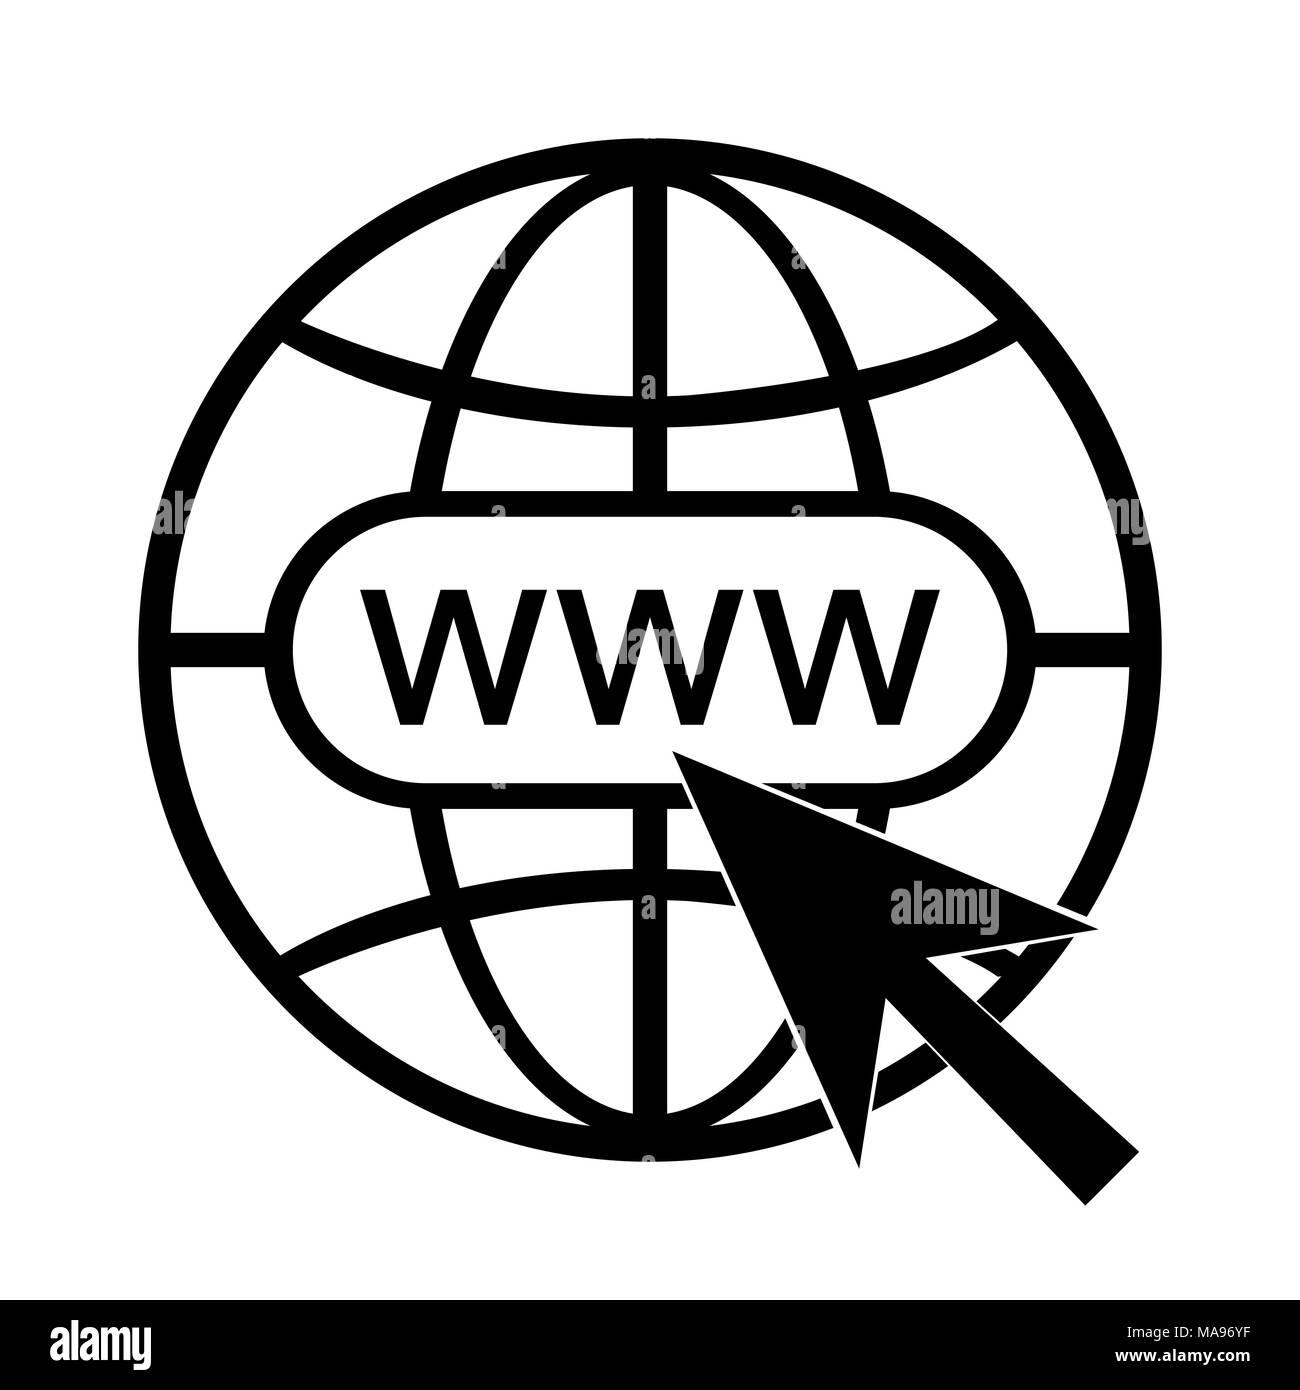 Www icona vettore simbolo del sito web illustrazione for Logo sito internet